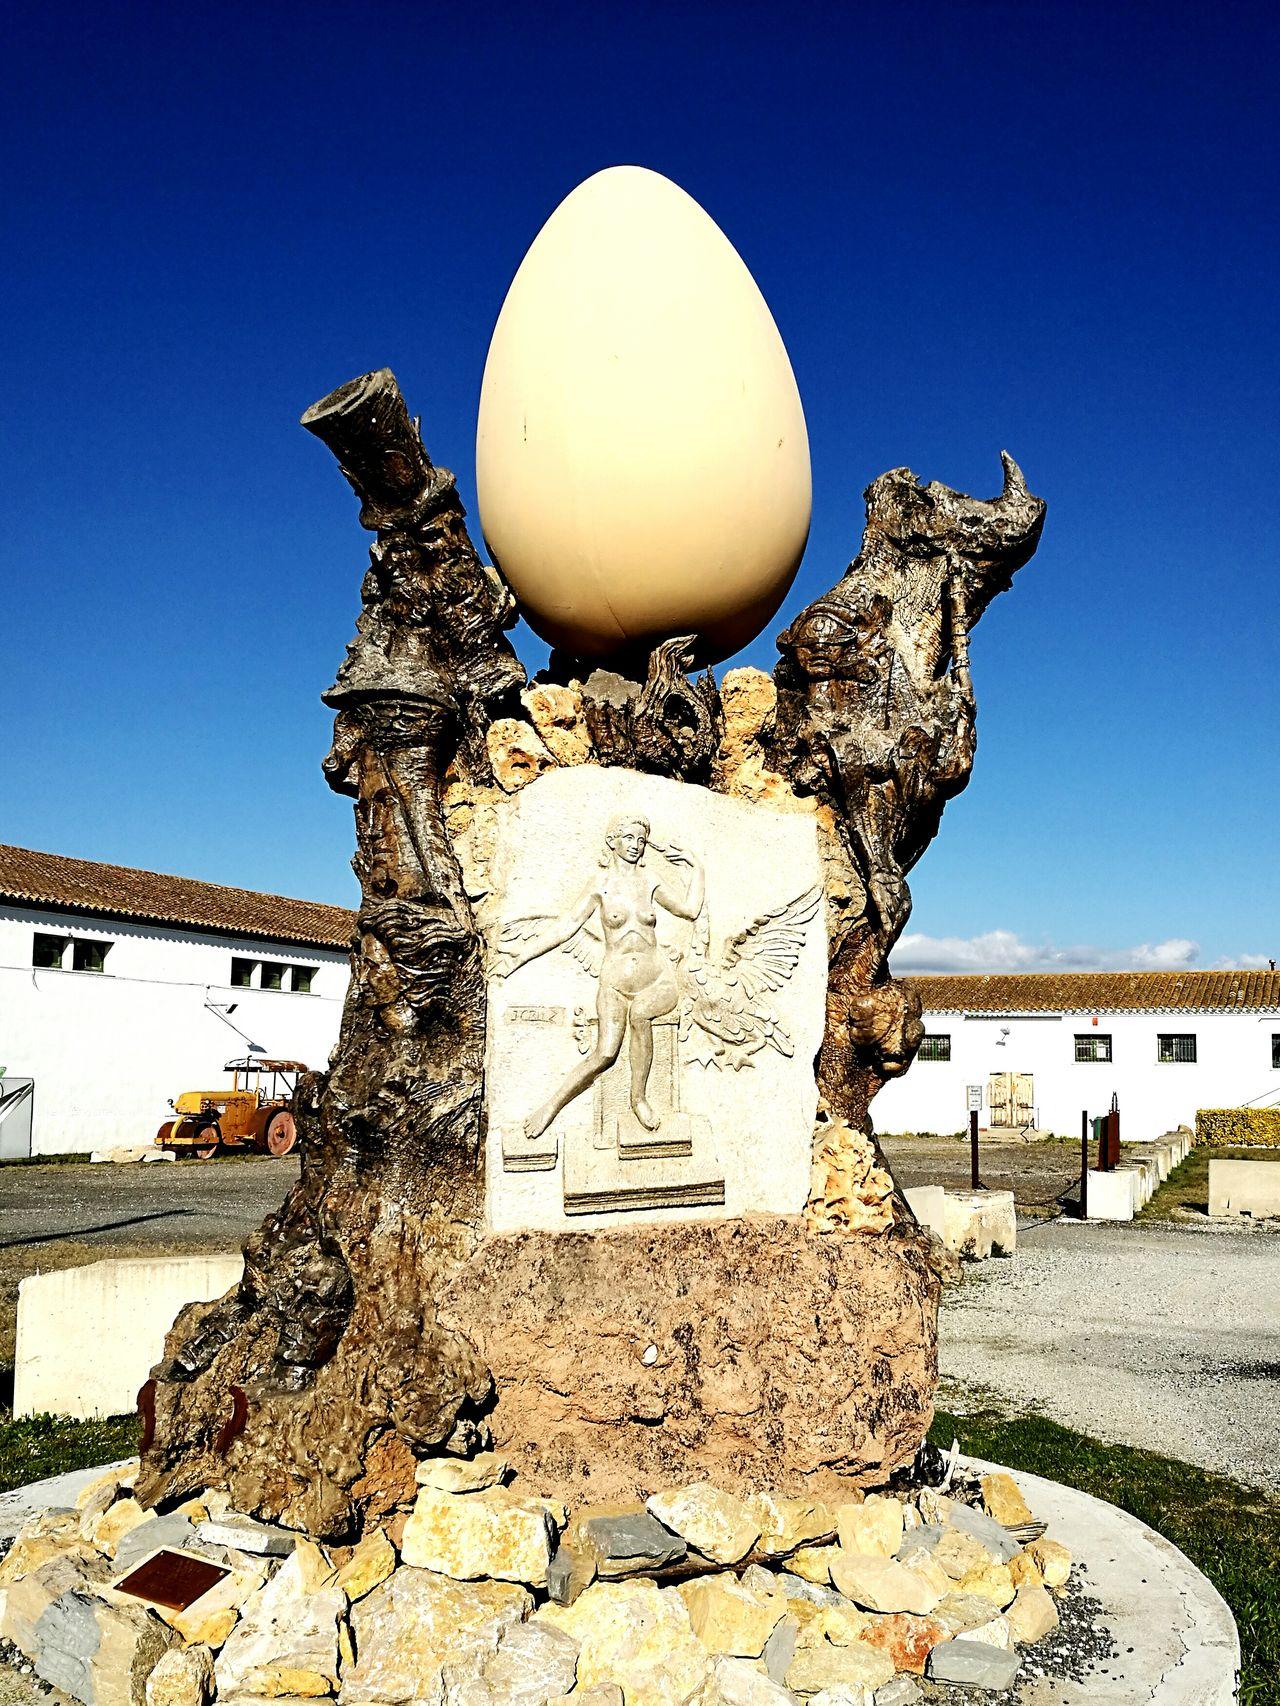 Olivera Milenaria, homenaje a Salvador Dalí, 1995 Escultura Esculturas Y Estatuas